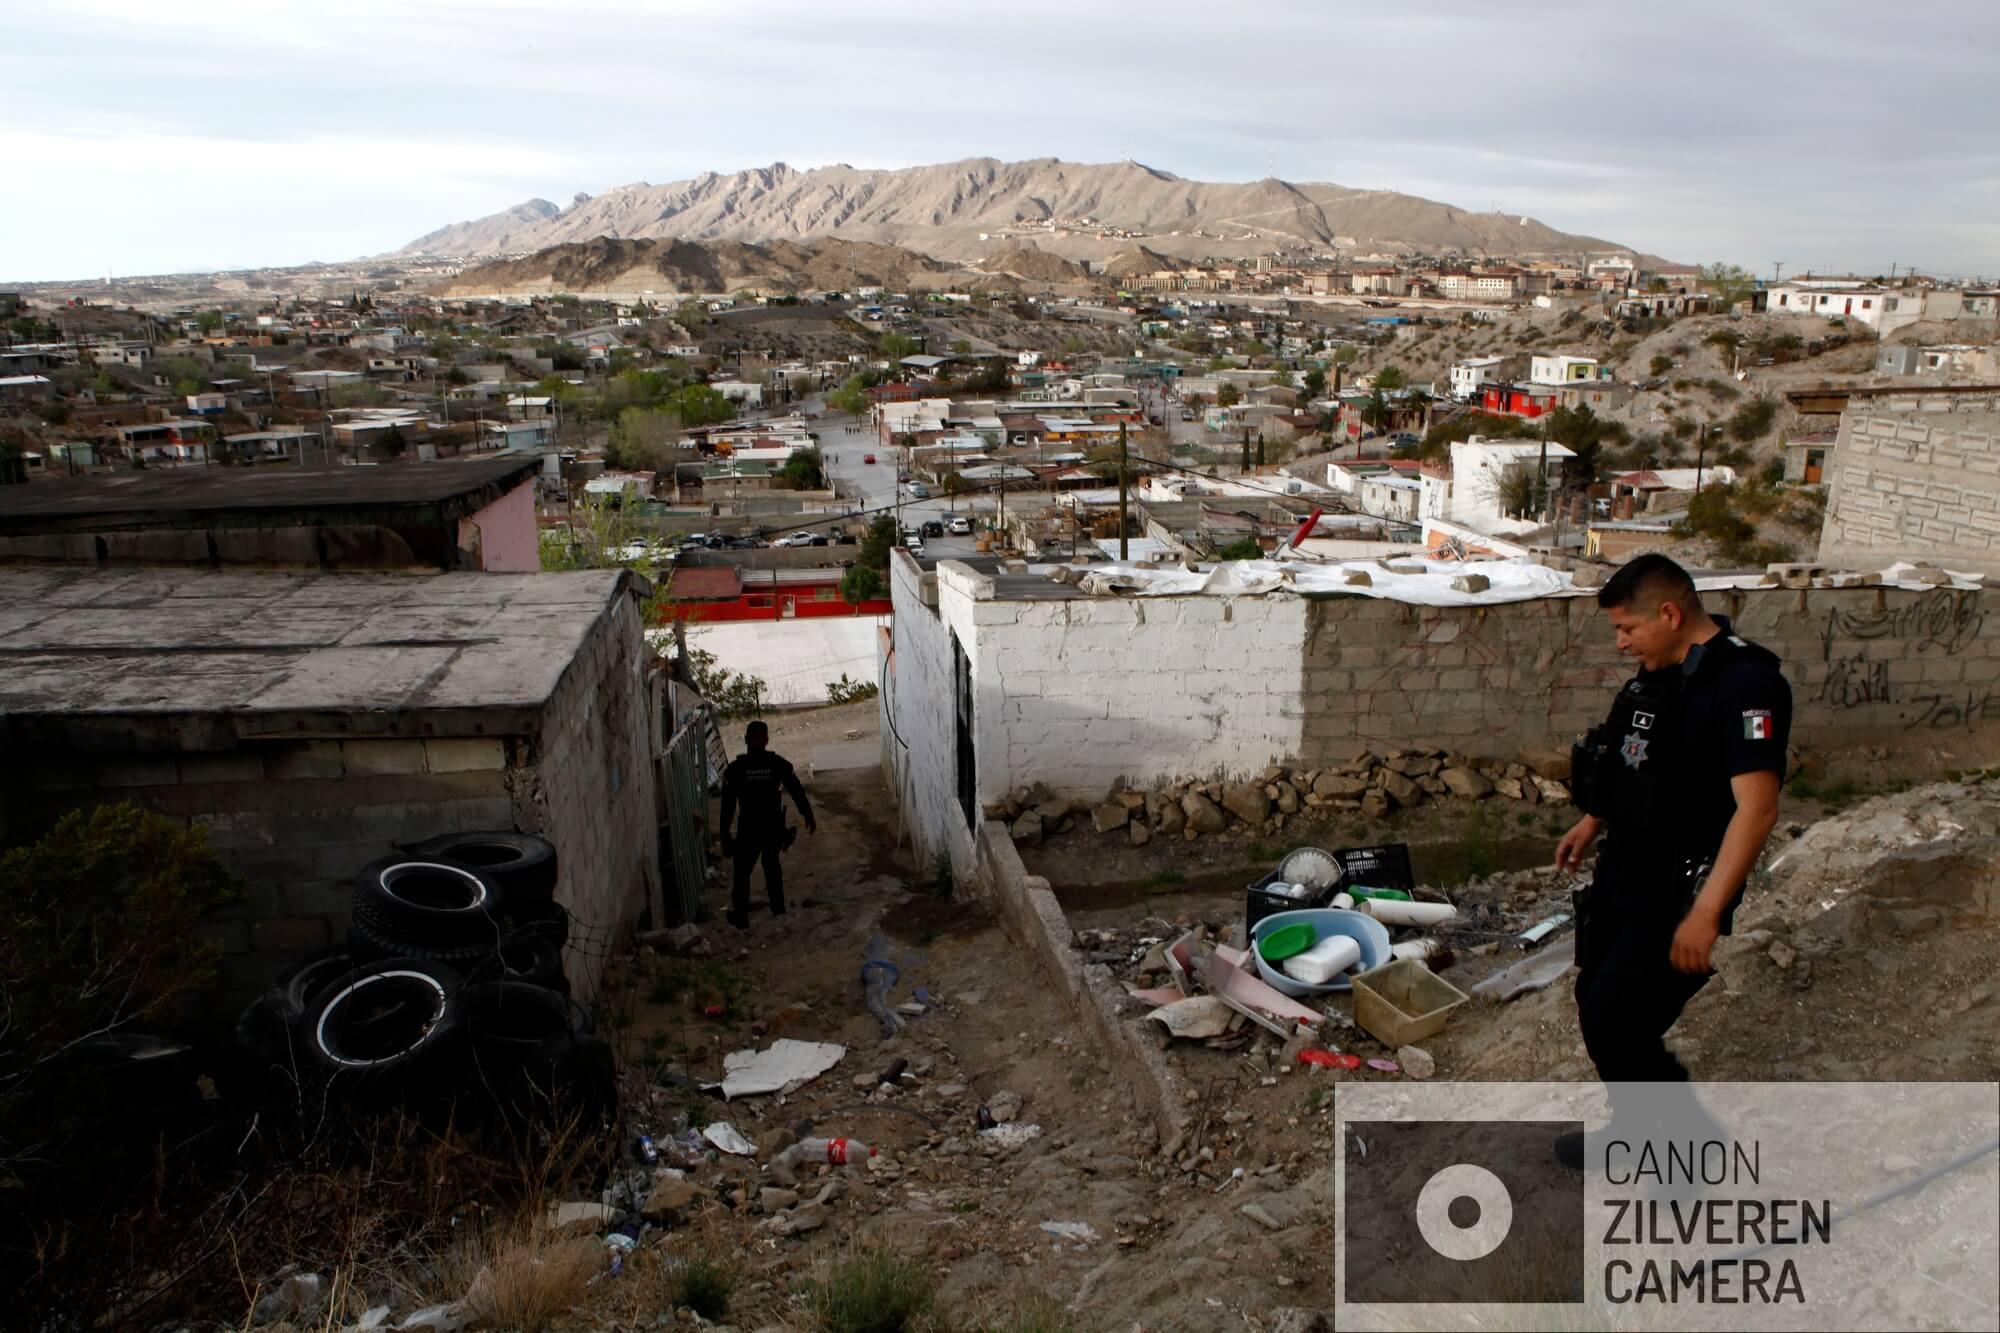 In de achterbuurten van Ciudad Juárez wordt dag en nacht gepatrouilleerd door de staatspolitie. Deze agenten proberen een paar drugsdealers op heterdaad te betrappen.